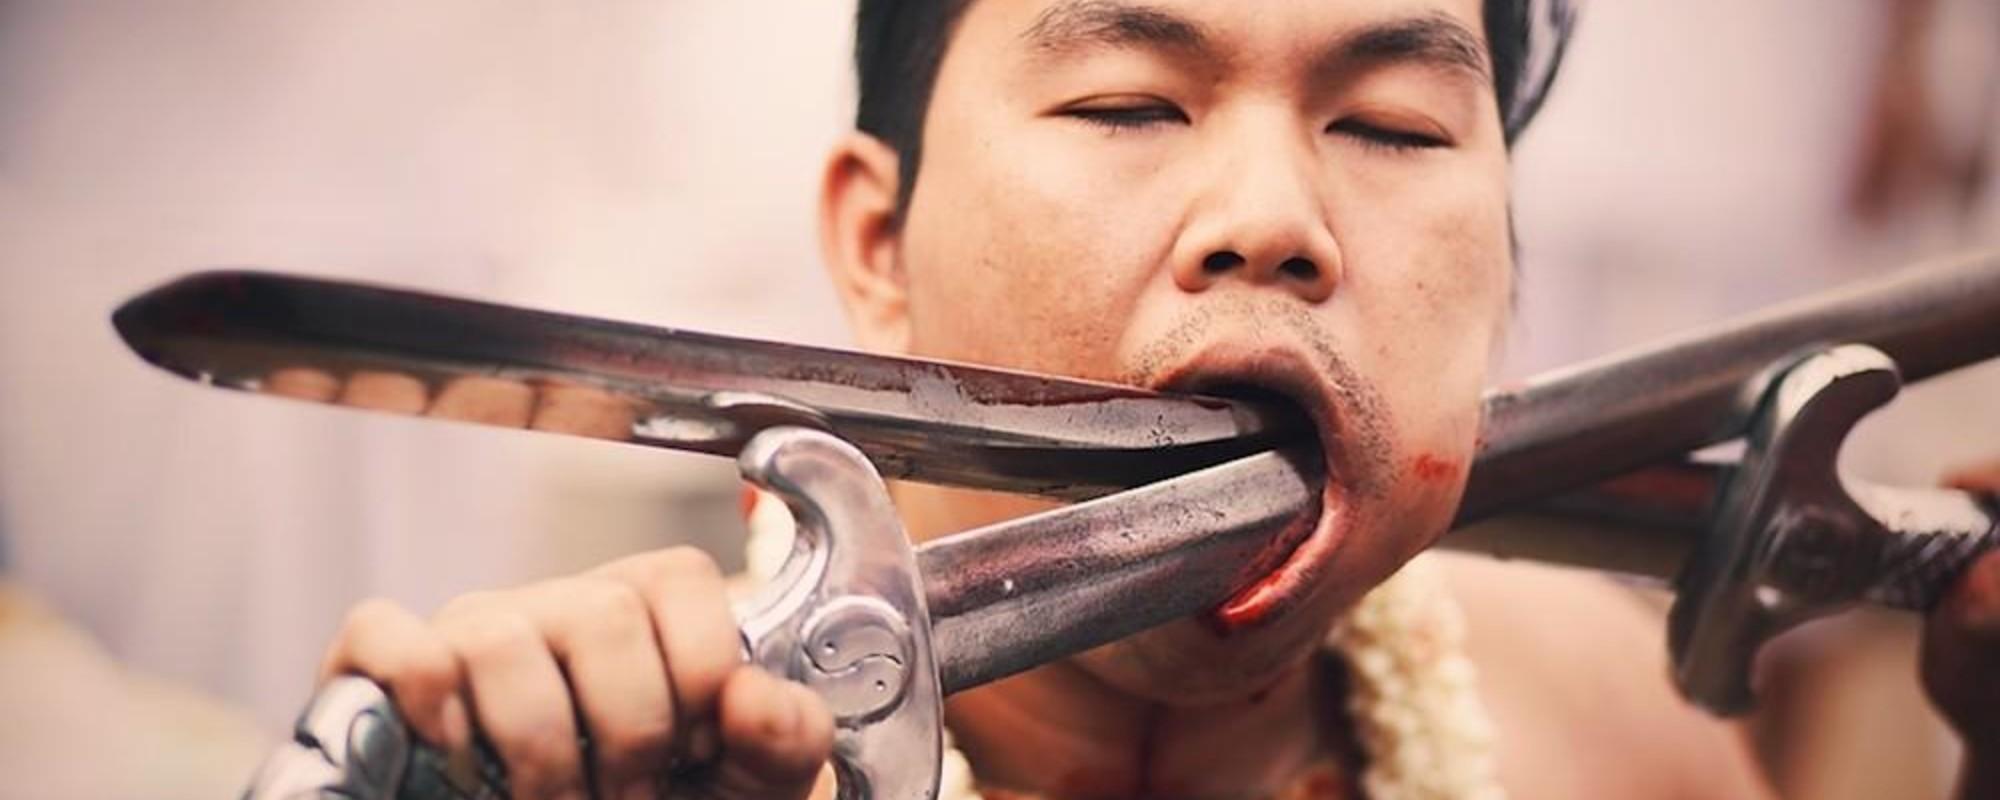 Brutales fotos de hombres perforándose en un festival tailandés